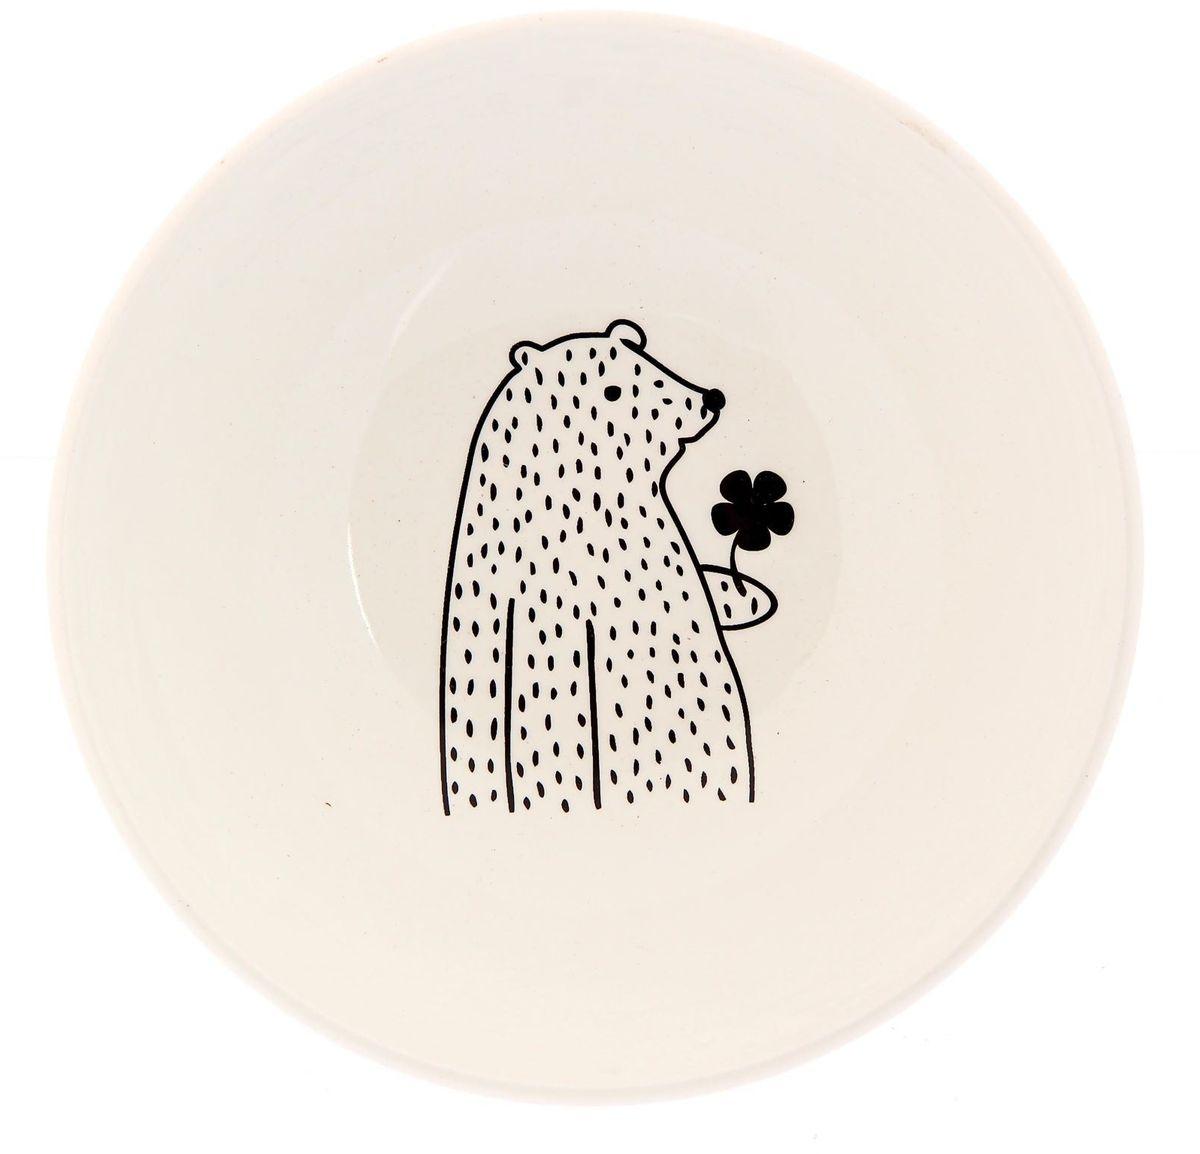 Салатник Сотвори чудо Цветочный мишка, диаметр 16,5 см115510Хотите обновить интерьер кухни или гостиной? Устраиваете необычную фотосессию или тематический праздник? А может, просто ищете подарок для близкого человека?Посуда « Сотвори Чудо» — правильный выбор в любой ситуации. Её достоинства:изящный фаянс нежного сливочного цвета;стойкость краски;пригодность для посудомоечных машин.